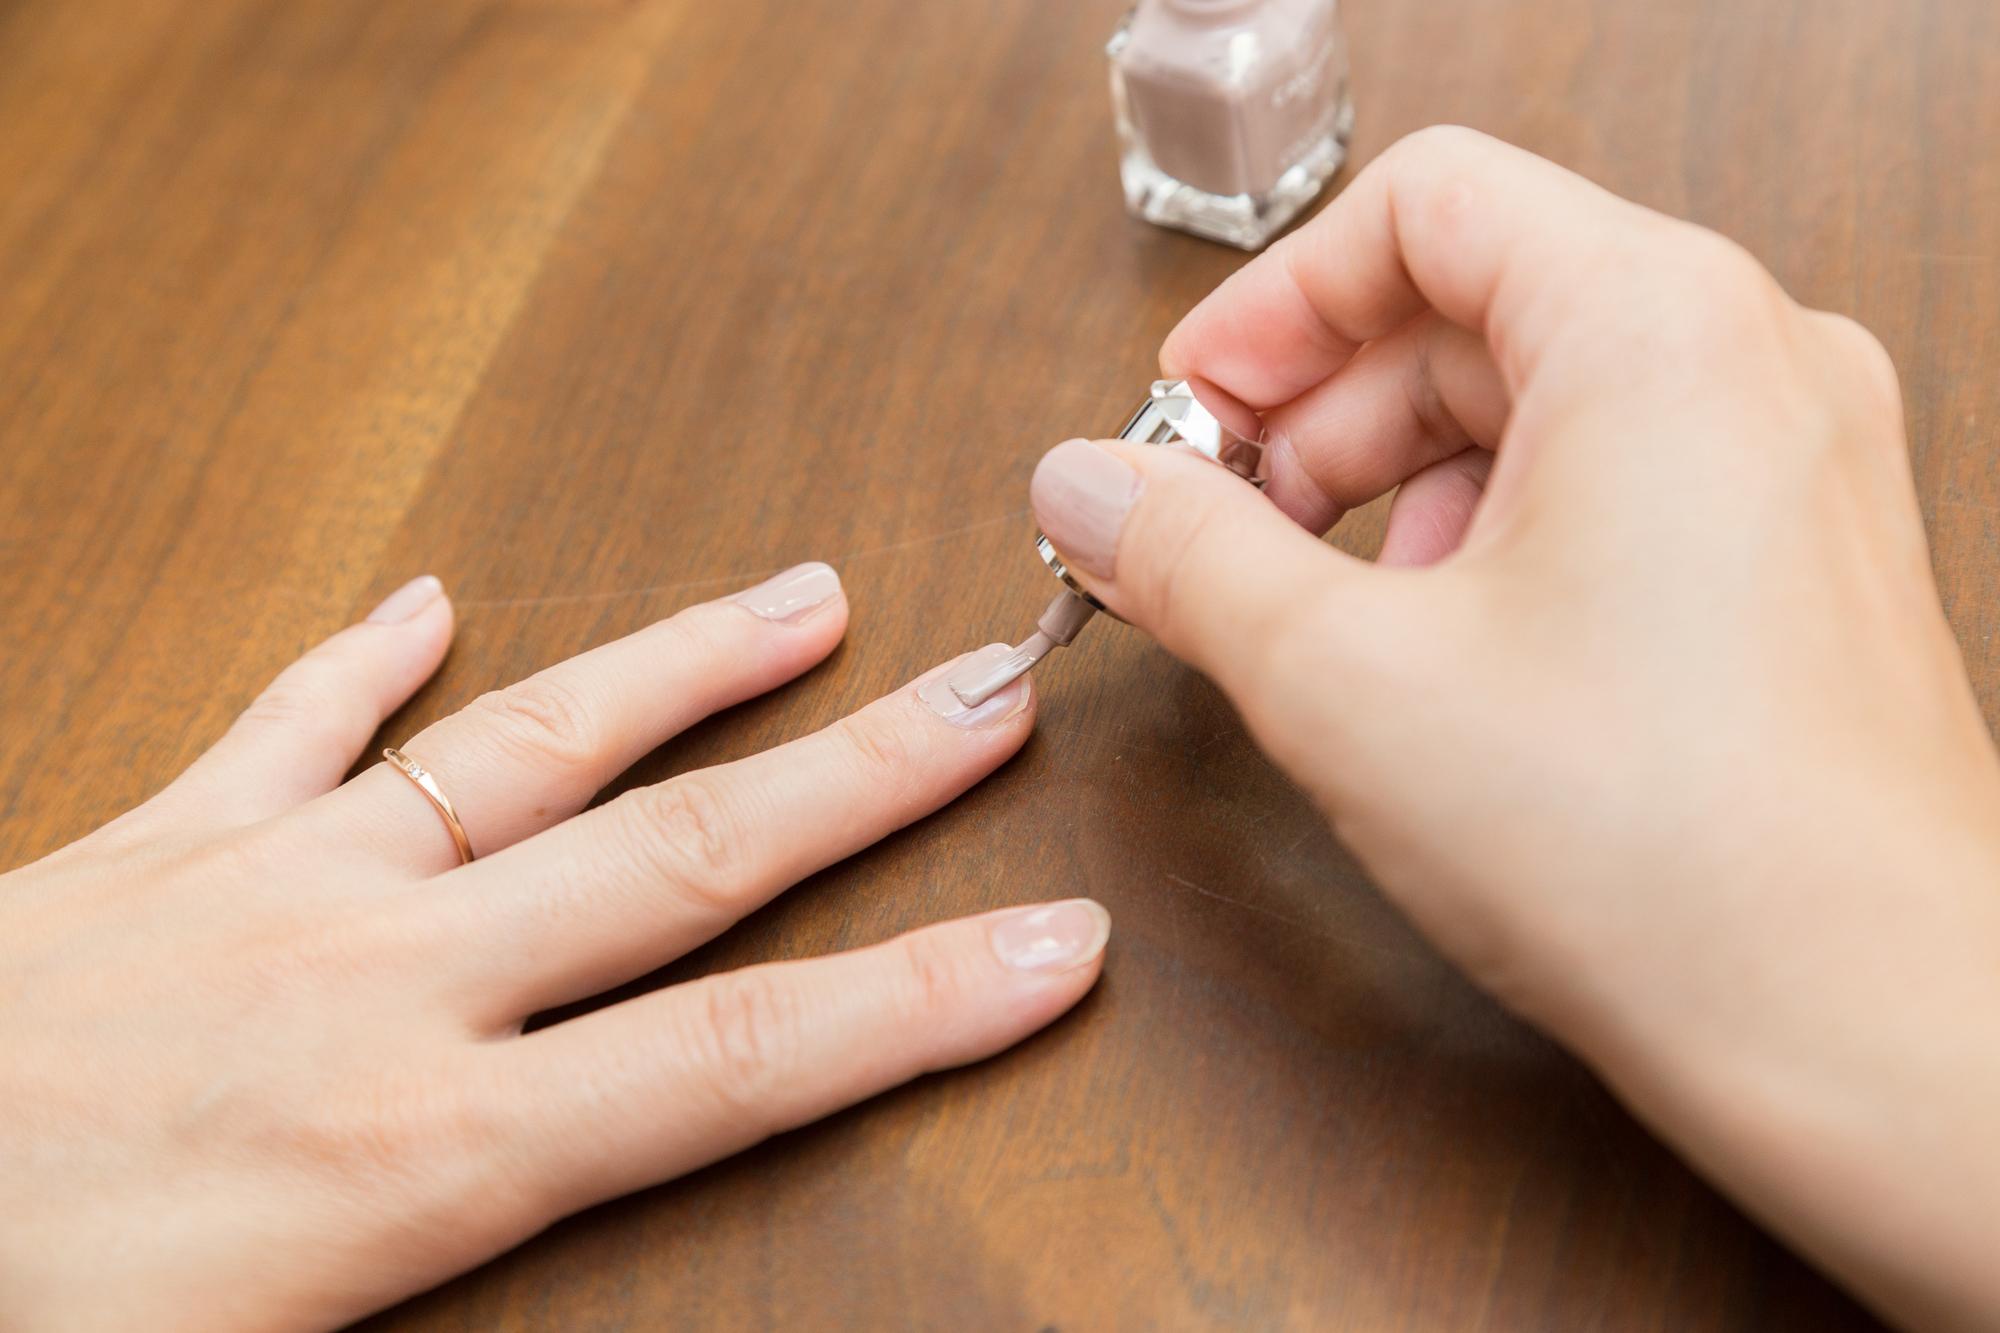 自爪をケアしている女性の指